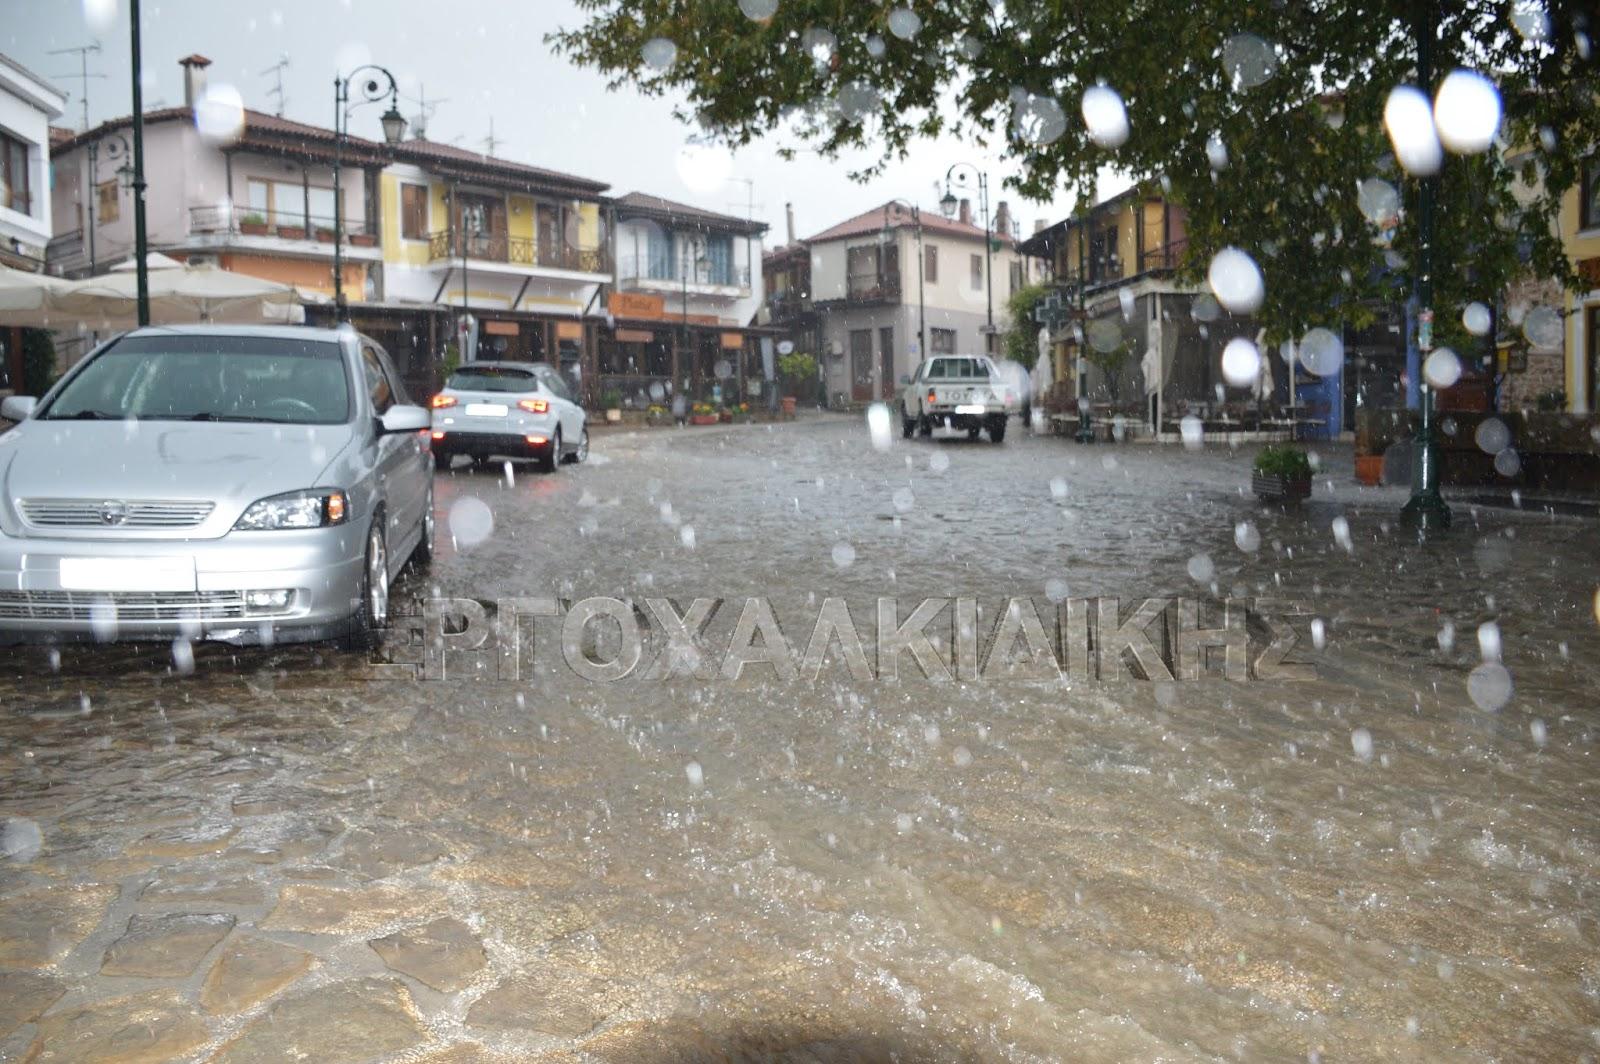 Έκτακτο δελτίο επιδείνωσης καιρού: Έρχονται βροχές, καταιγίδες και ισχυροί άνεμοι